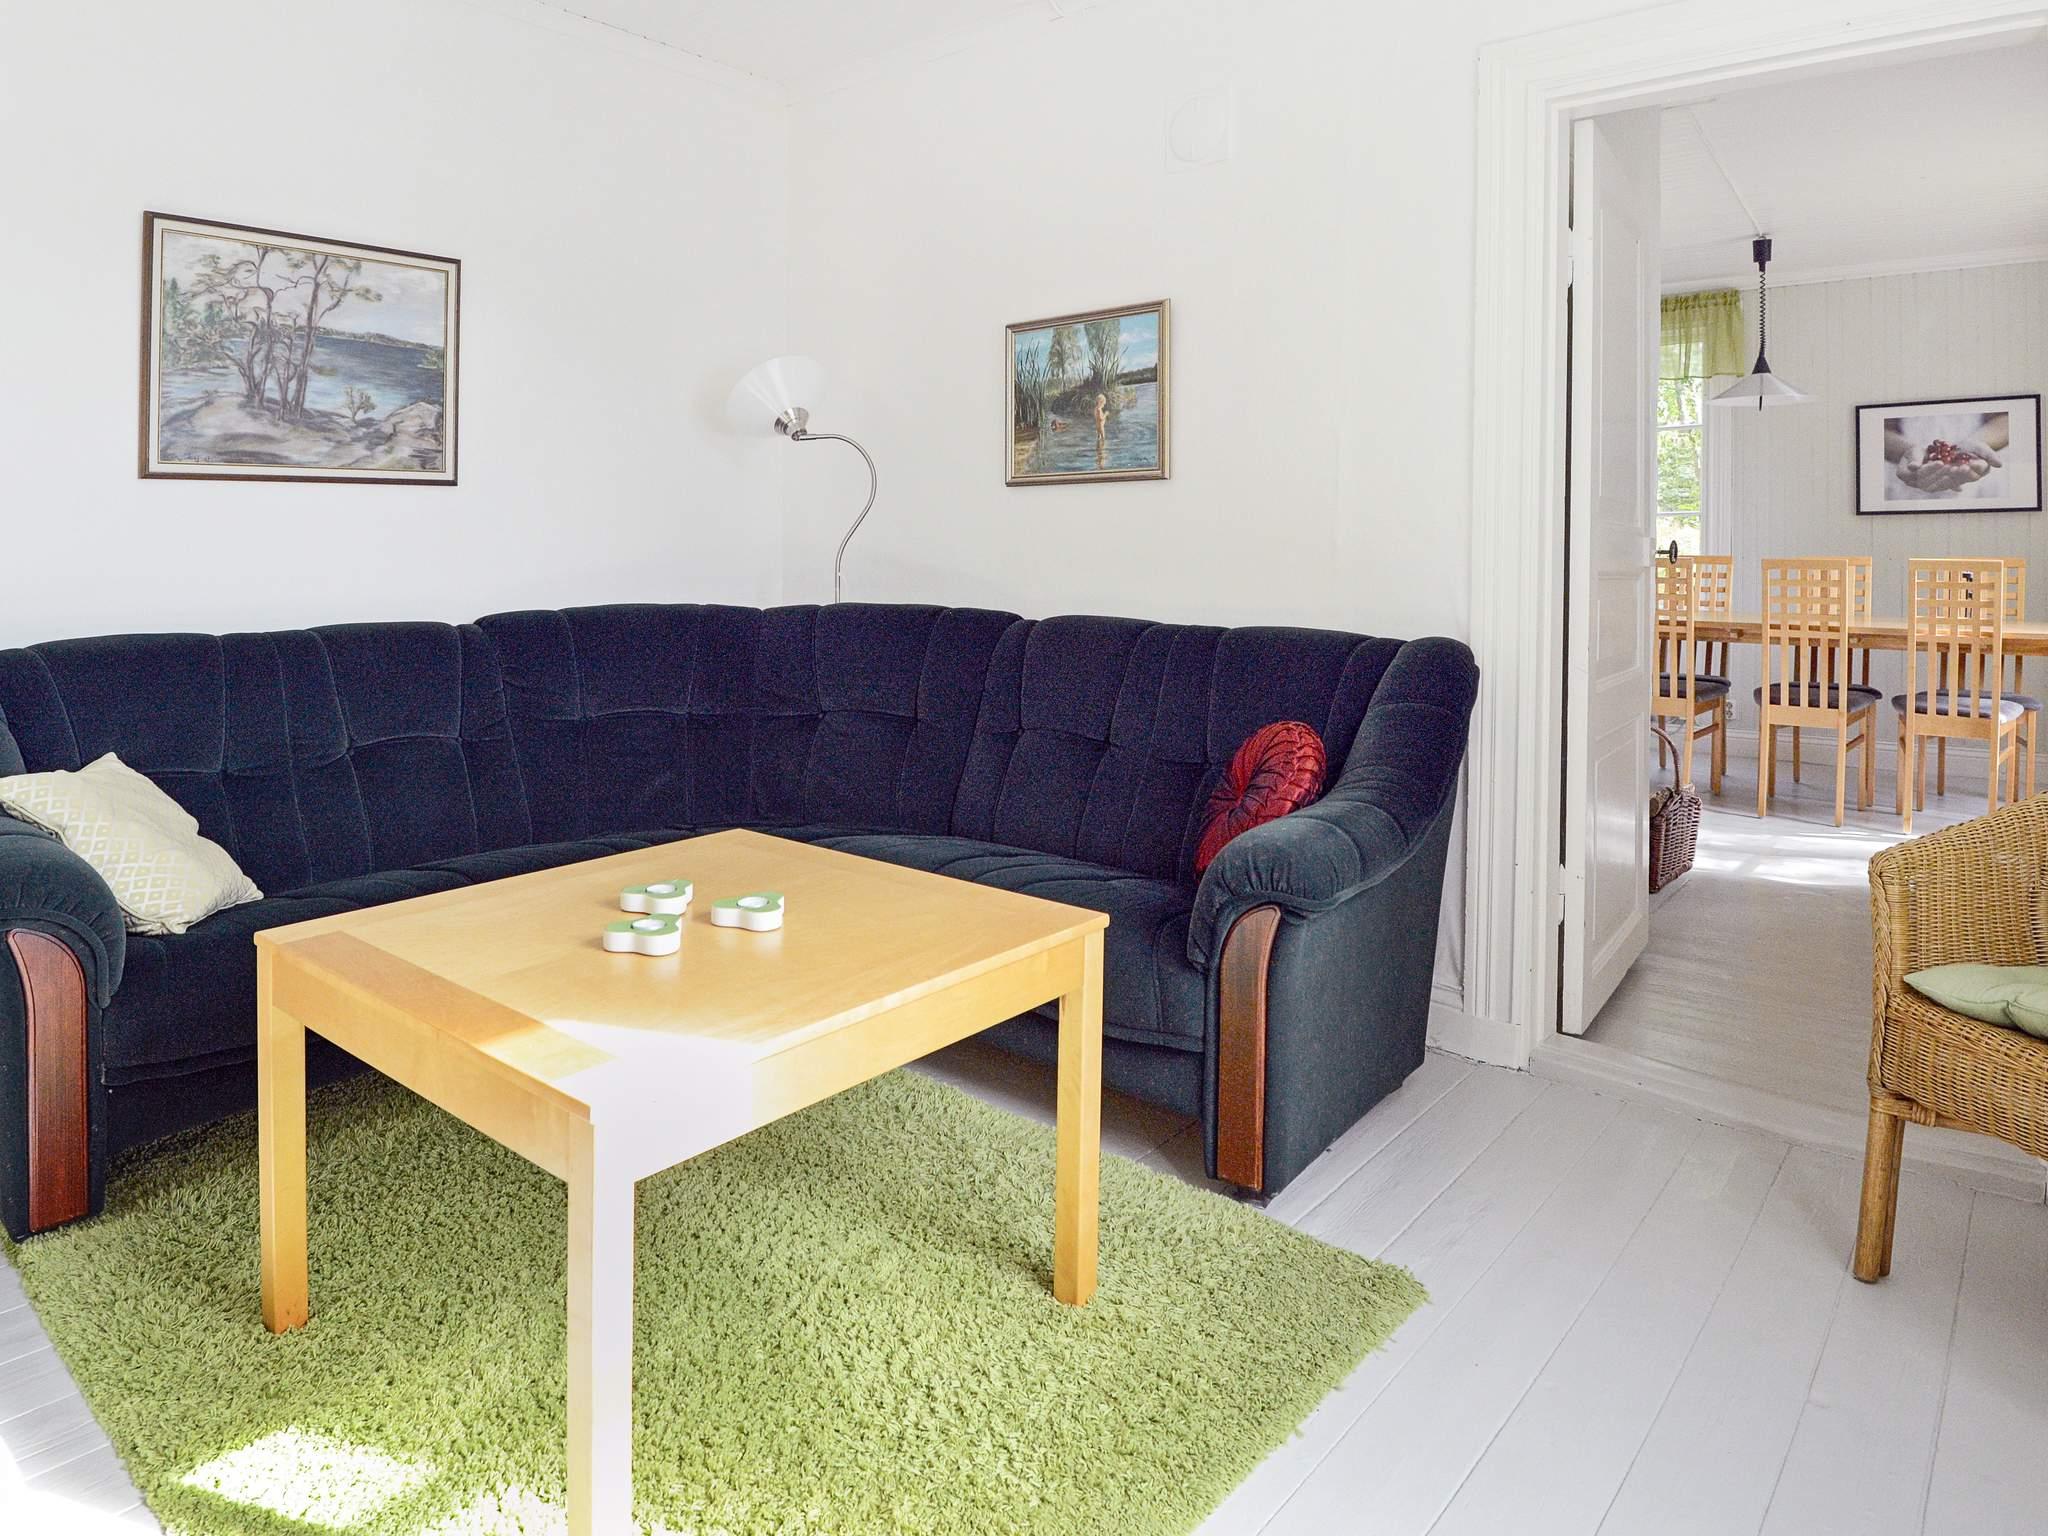 Ferienhaus Mariefred (426484), Mariefred, Södermanlands län, Mittelschweden, Schweden, Bild 5